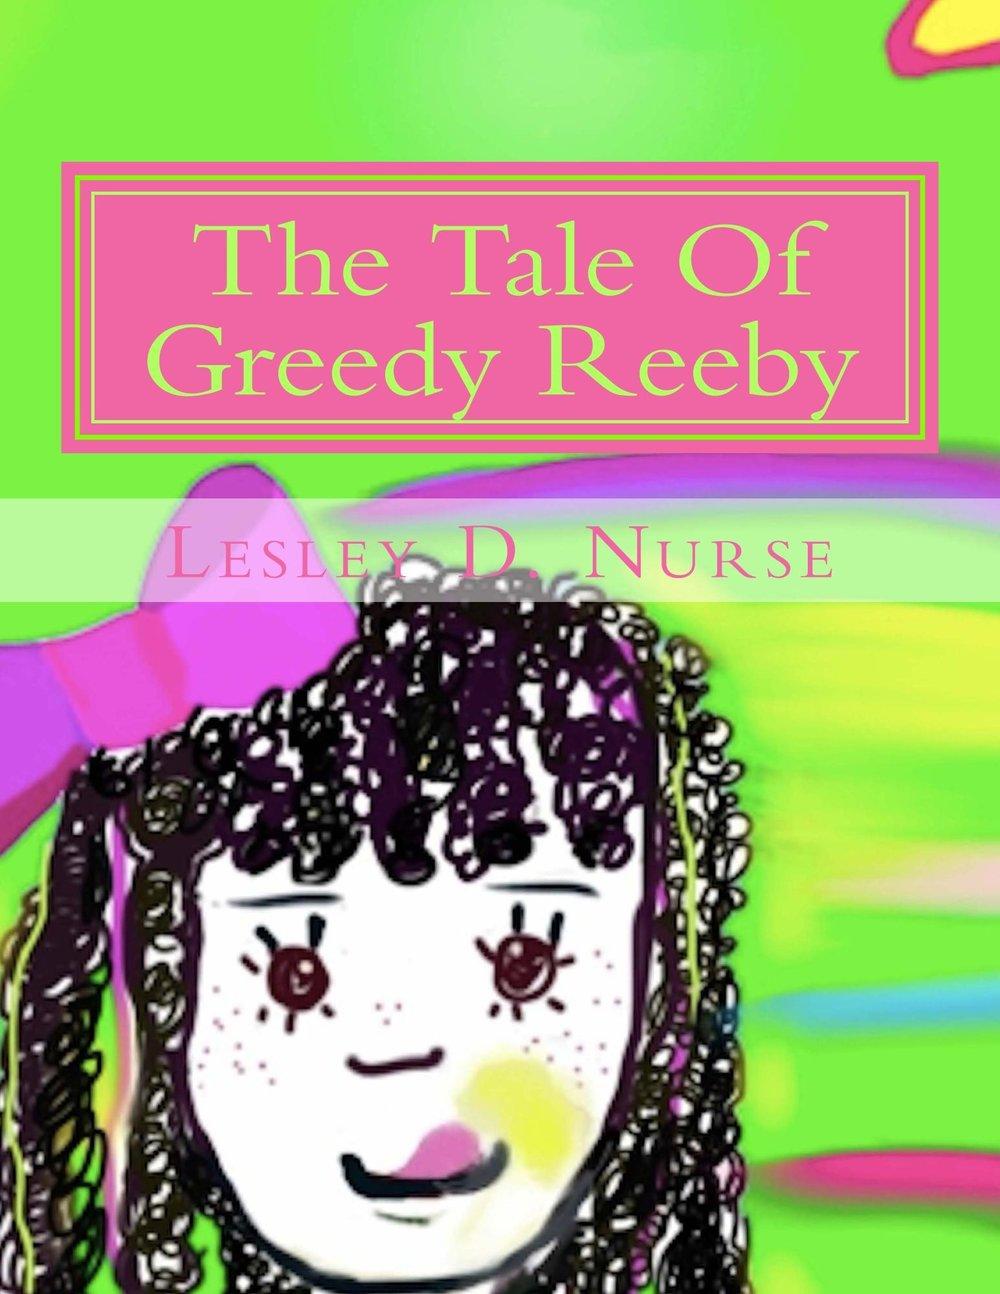 Best children's book